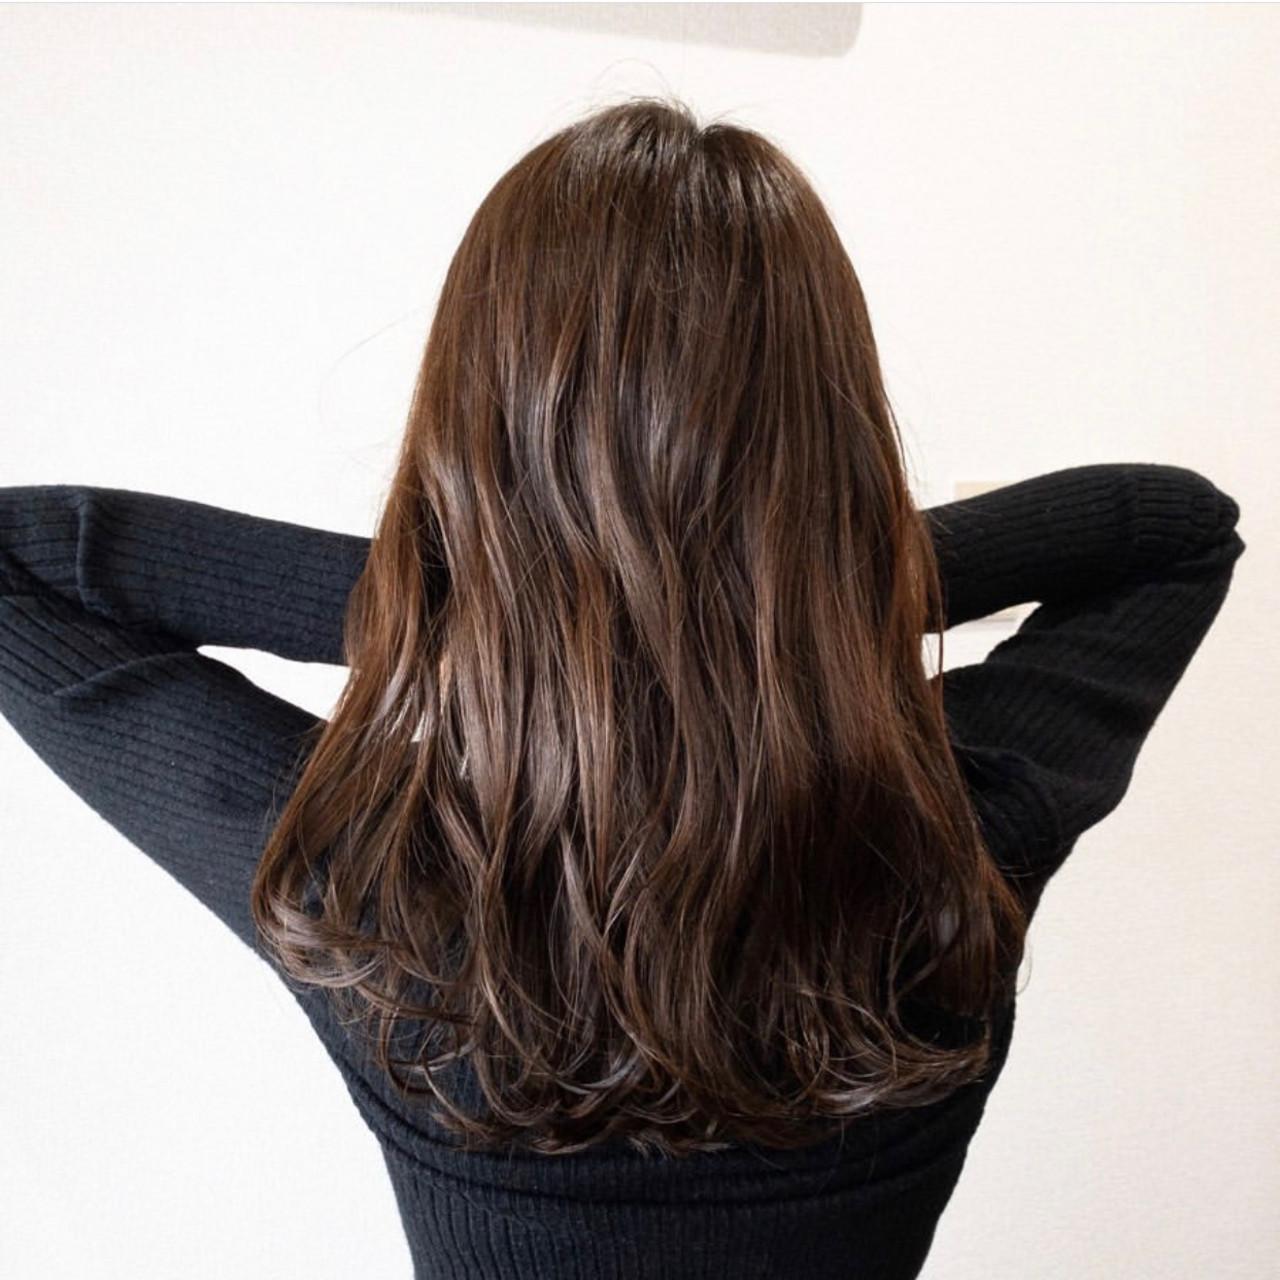 ブラウンベージュ ブラウン ナチュラル ロング ヘアスタイルや髪型の写真・画像